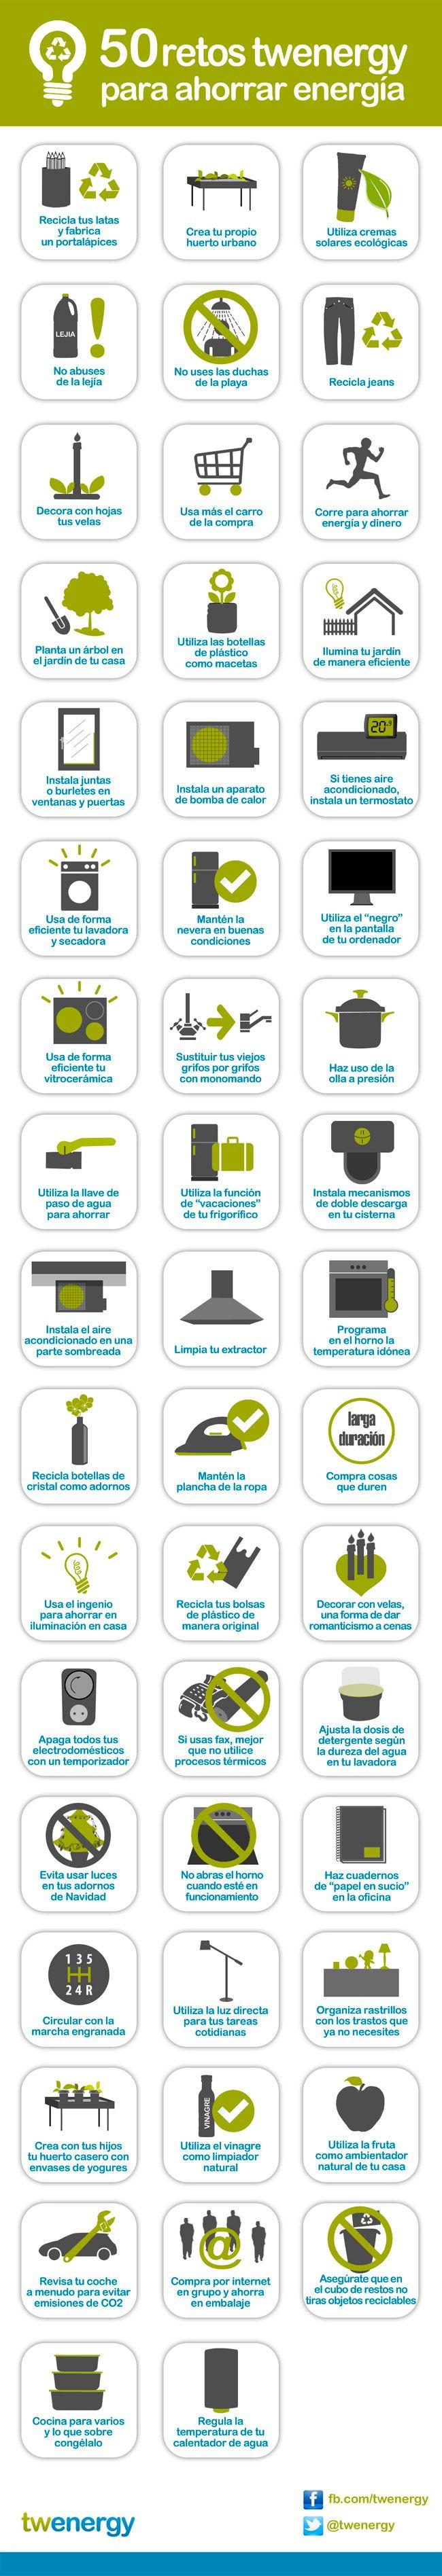 50 consejos para ahorrar energía para el 22 de abril. (Earth Day 4/22/13)